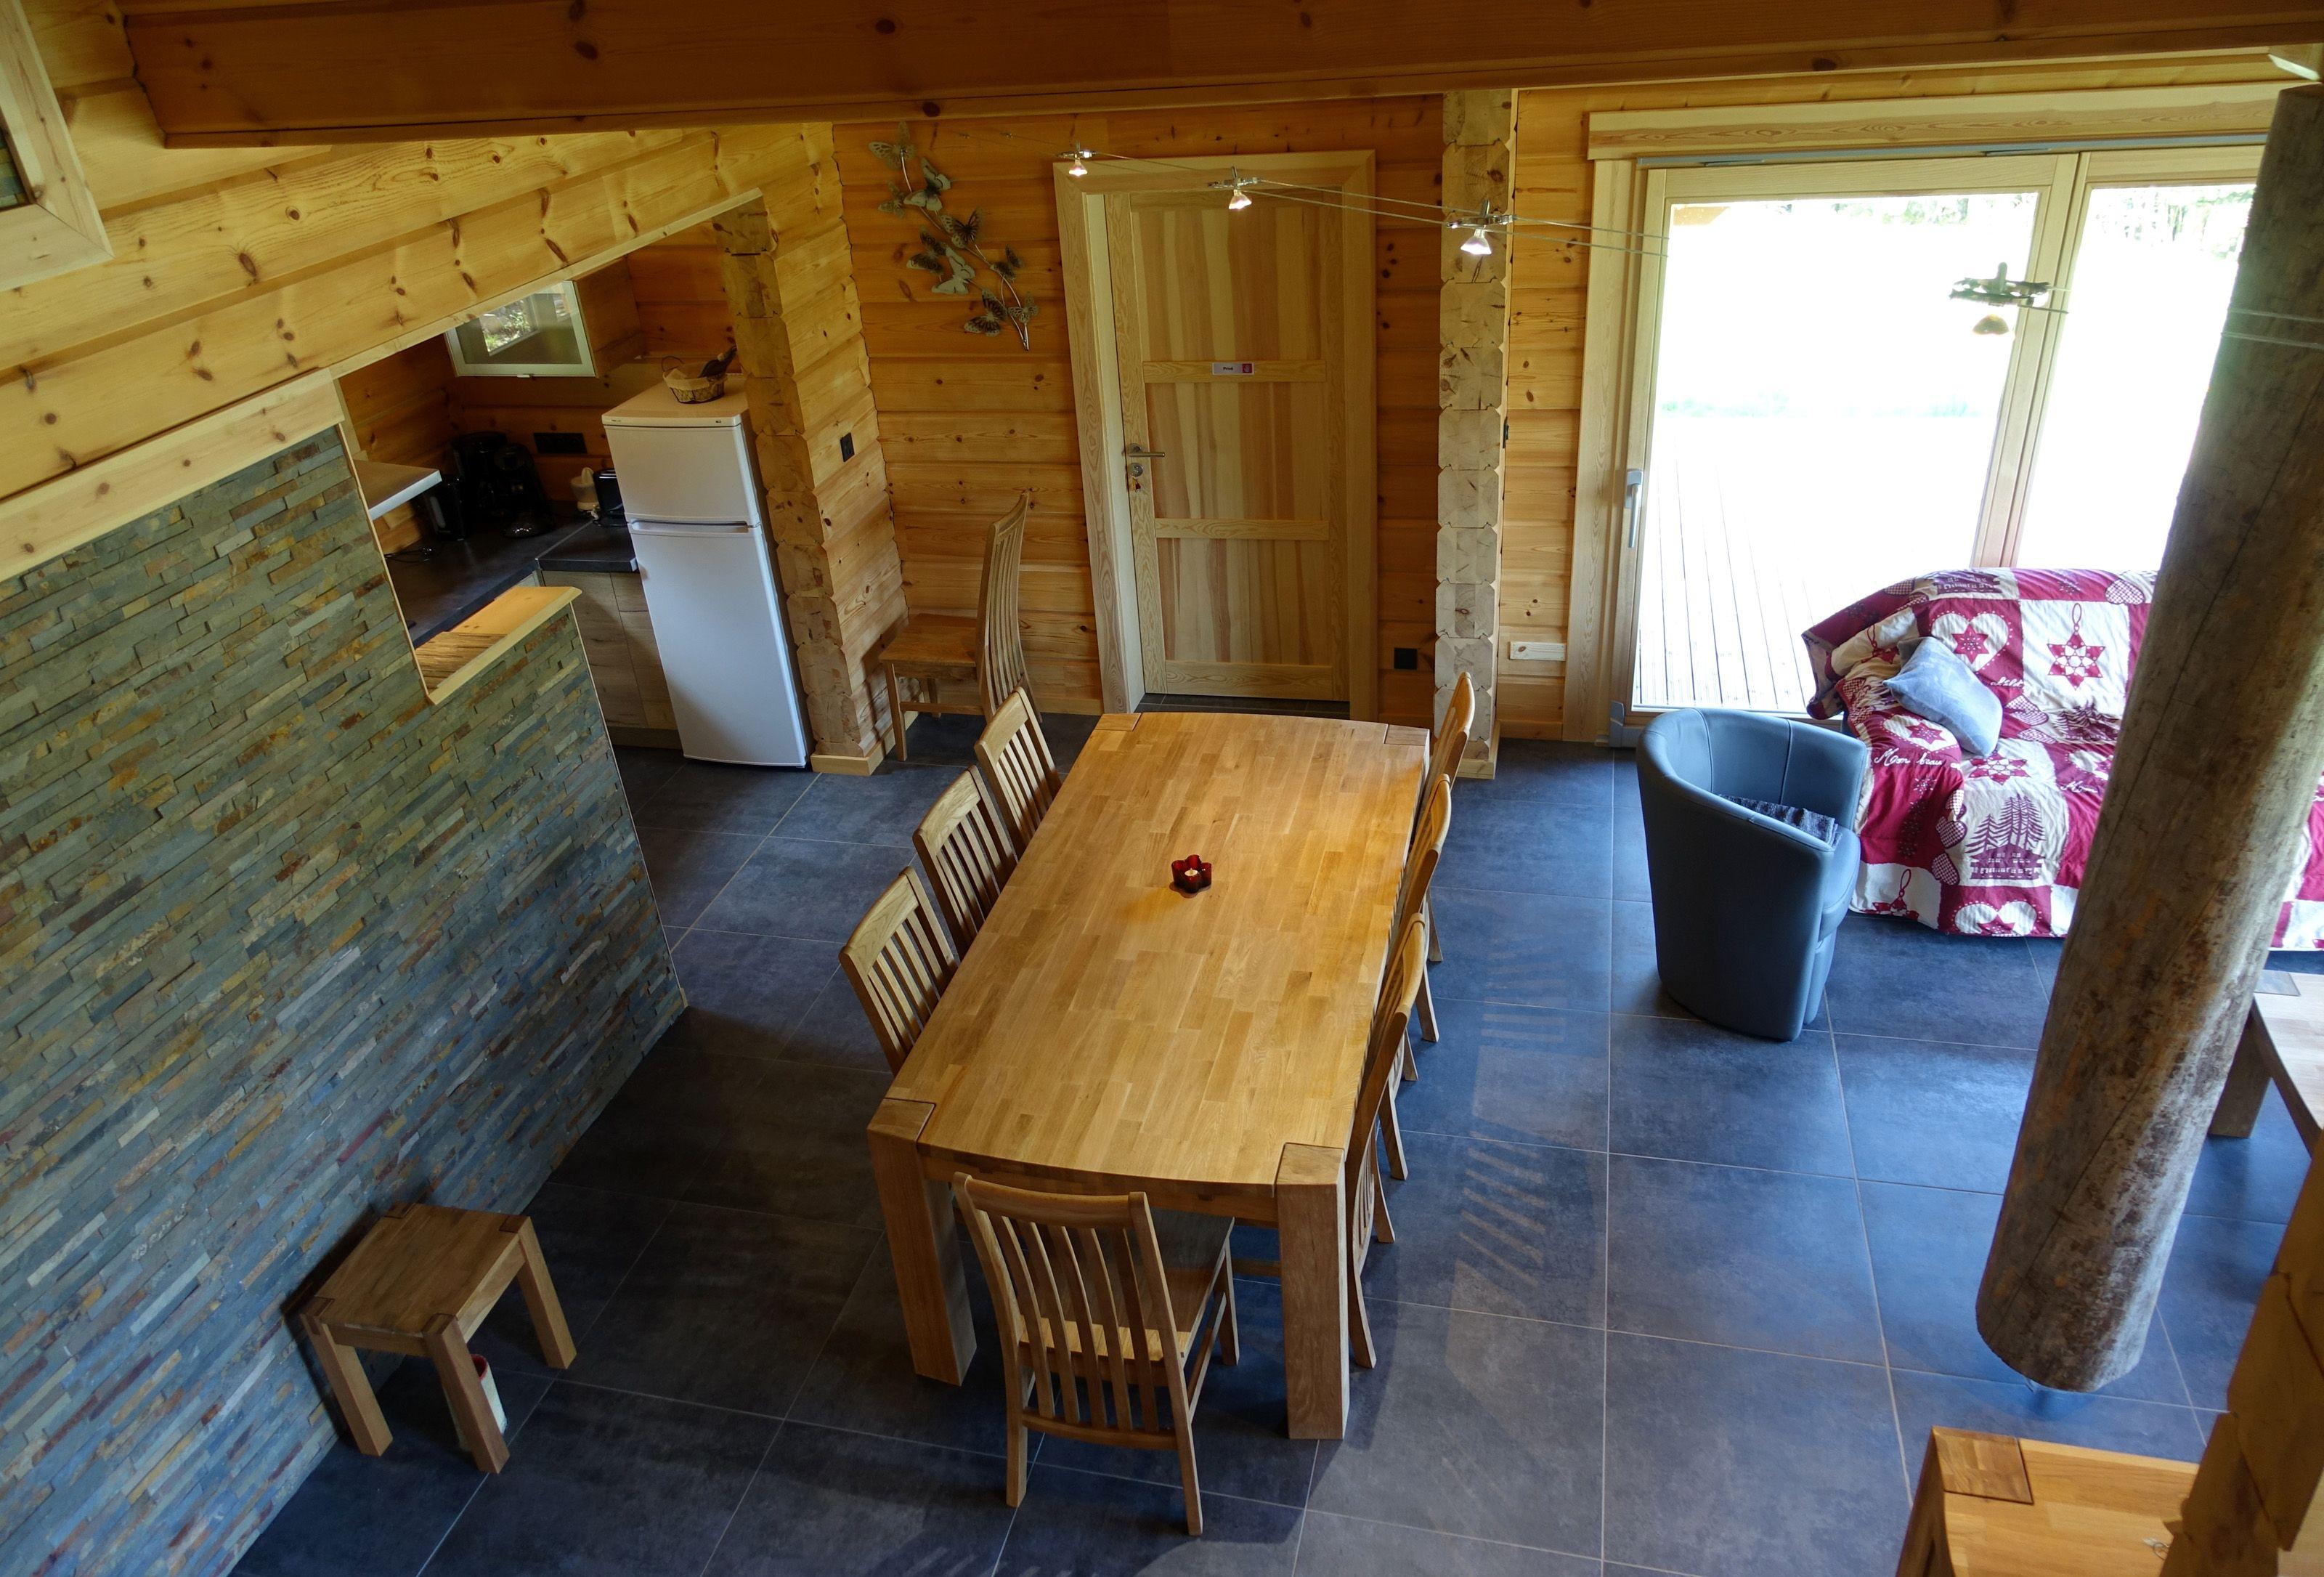 Interieur D Une Maison En Bois Passive Et Ecologique De Rovaniemi Maisons En Bois Maison Bois Maison En Bois Moderne Maison